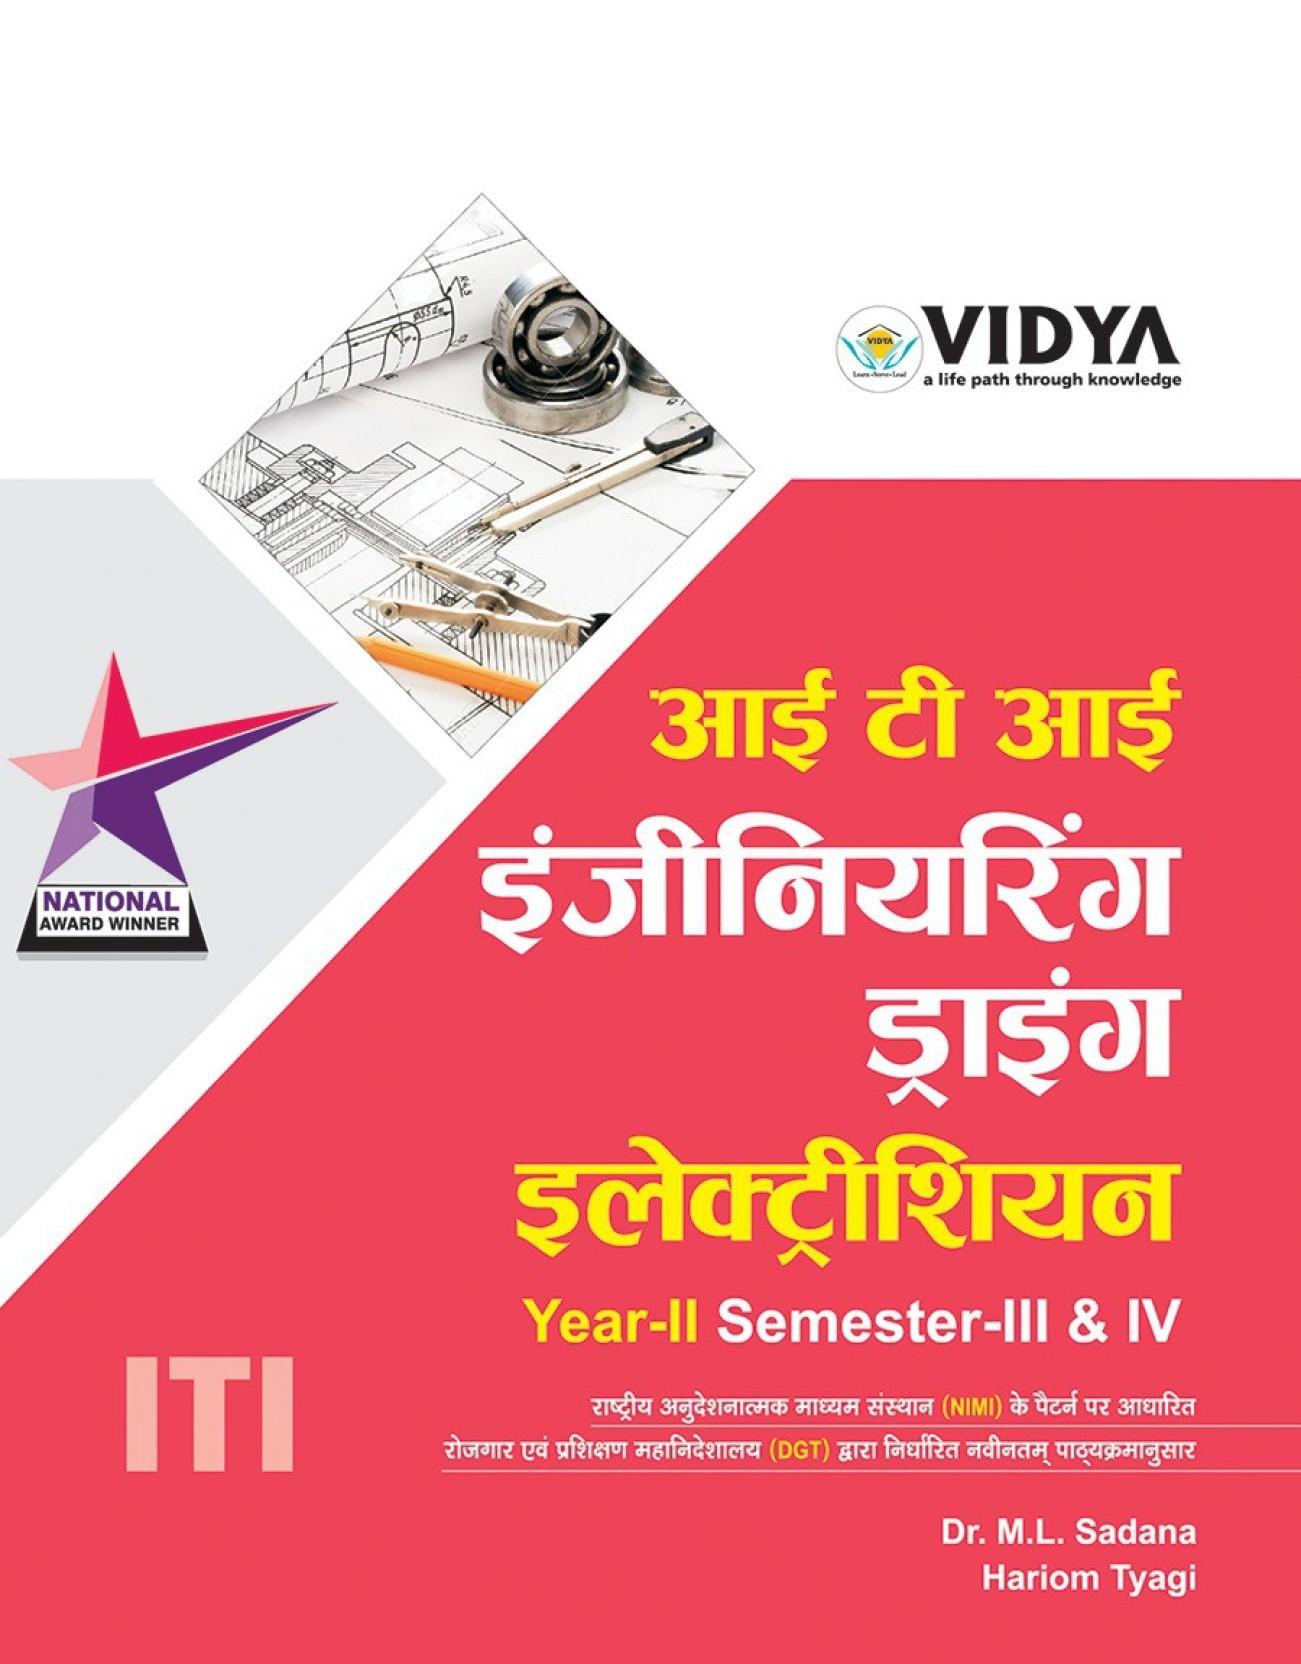 Iti Engineering Drawing Electrician Hindi Year Ii Sem Iii Iv House Wiring Book In Share